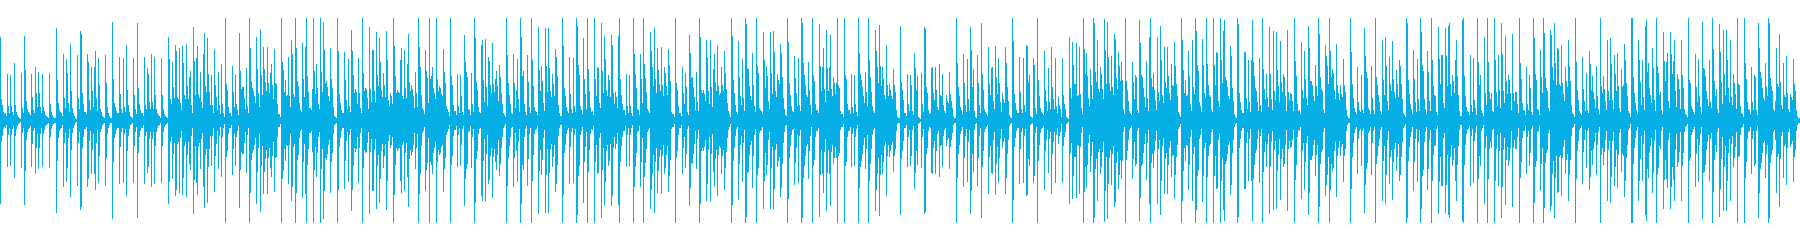 ティーン トロピカル ポジティブ ...の再生済みの波形